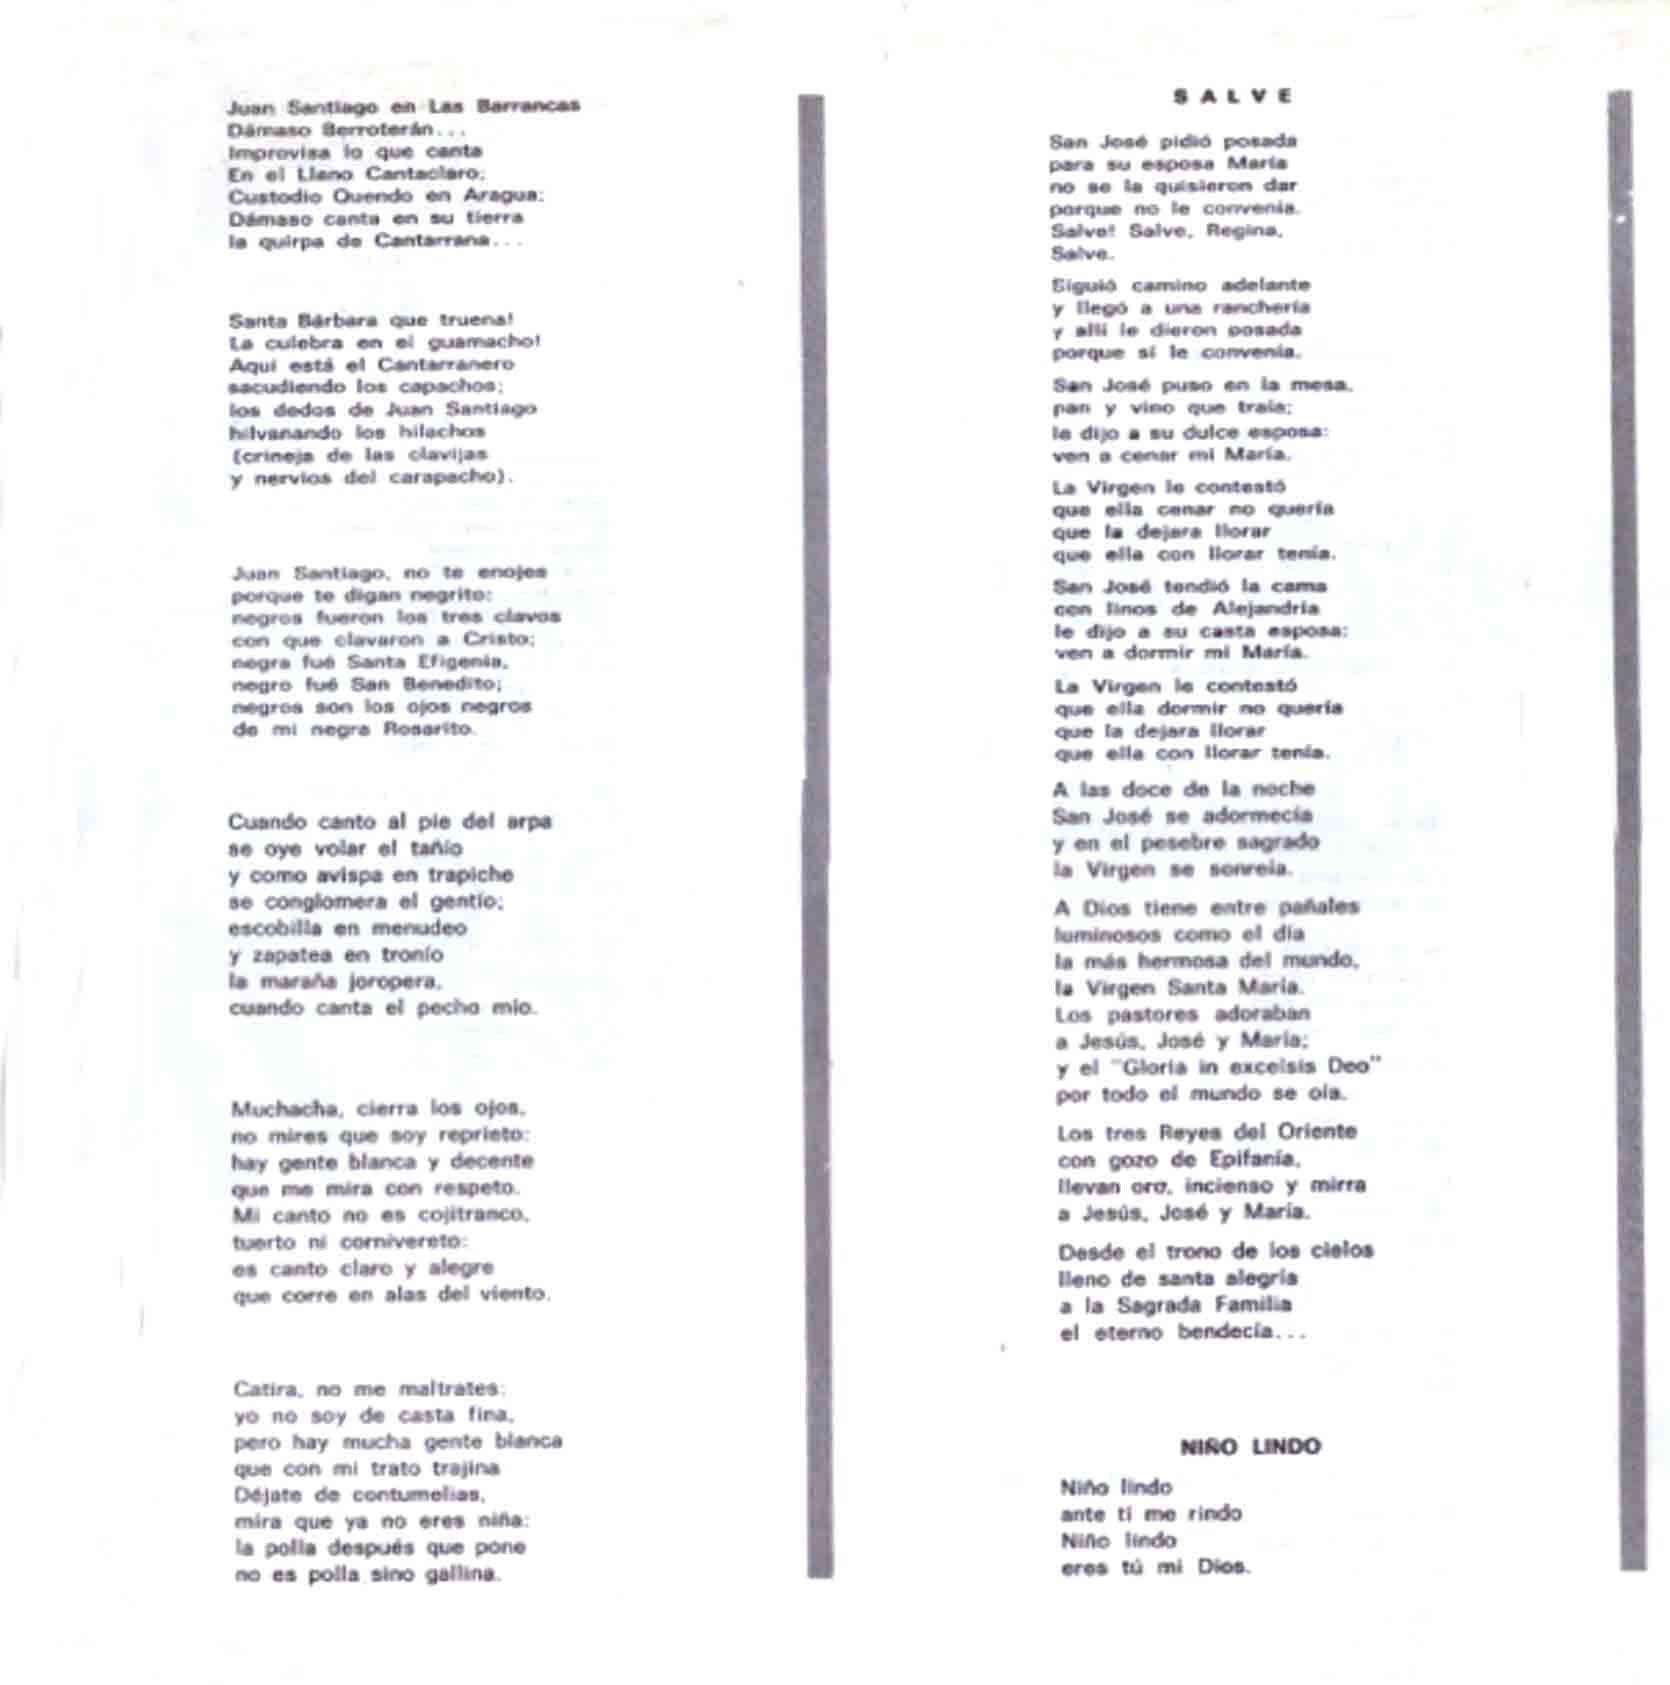 letra de cancion de dos mares: